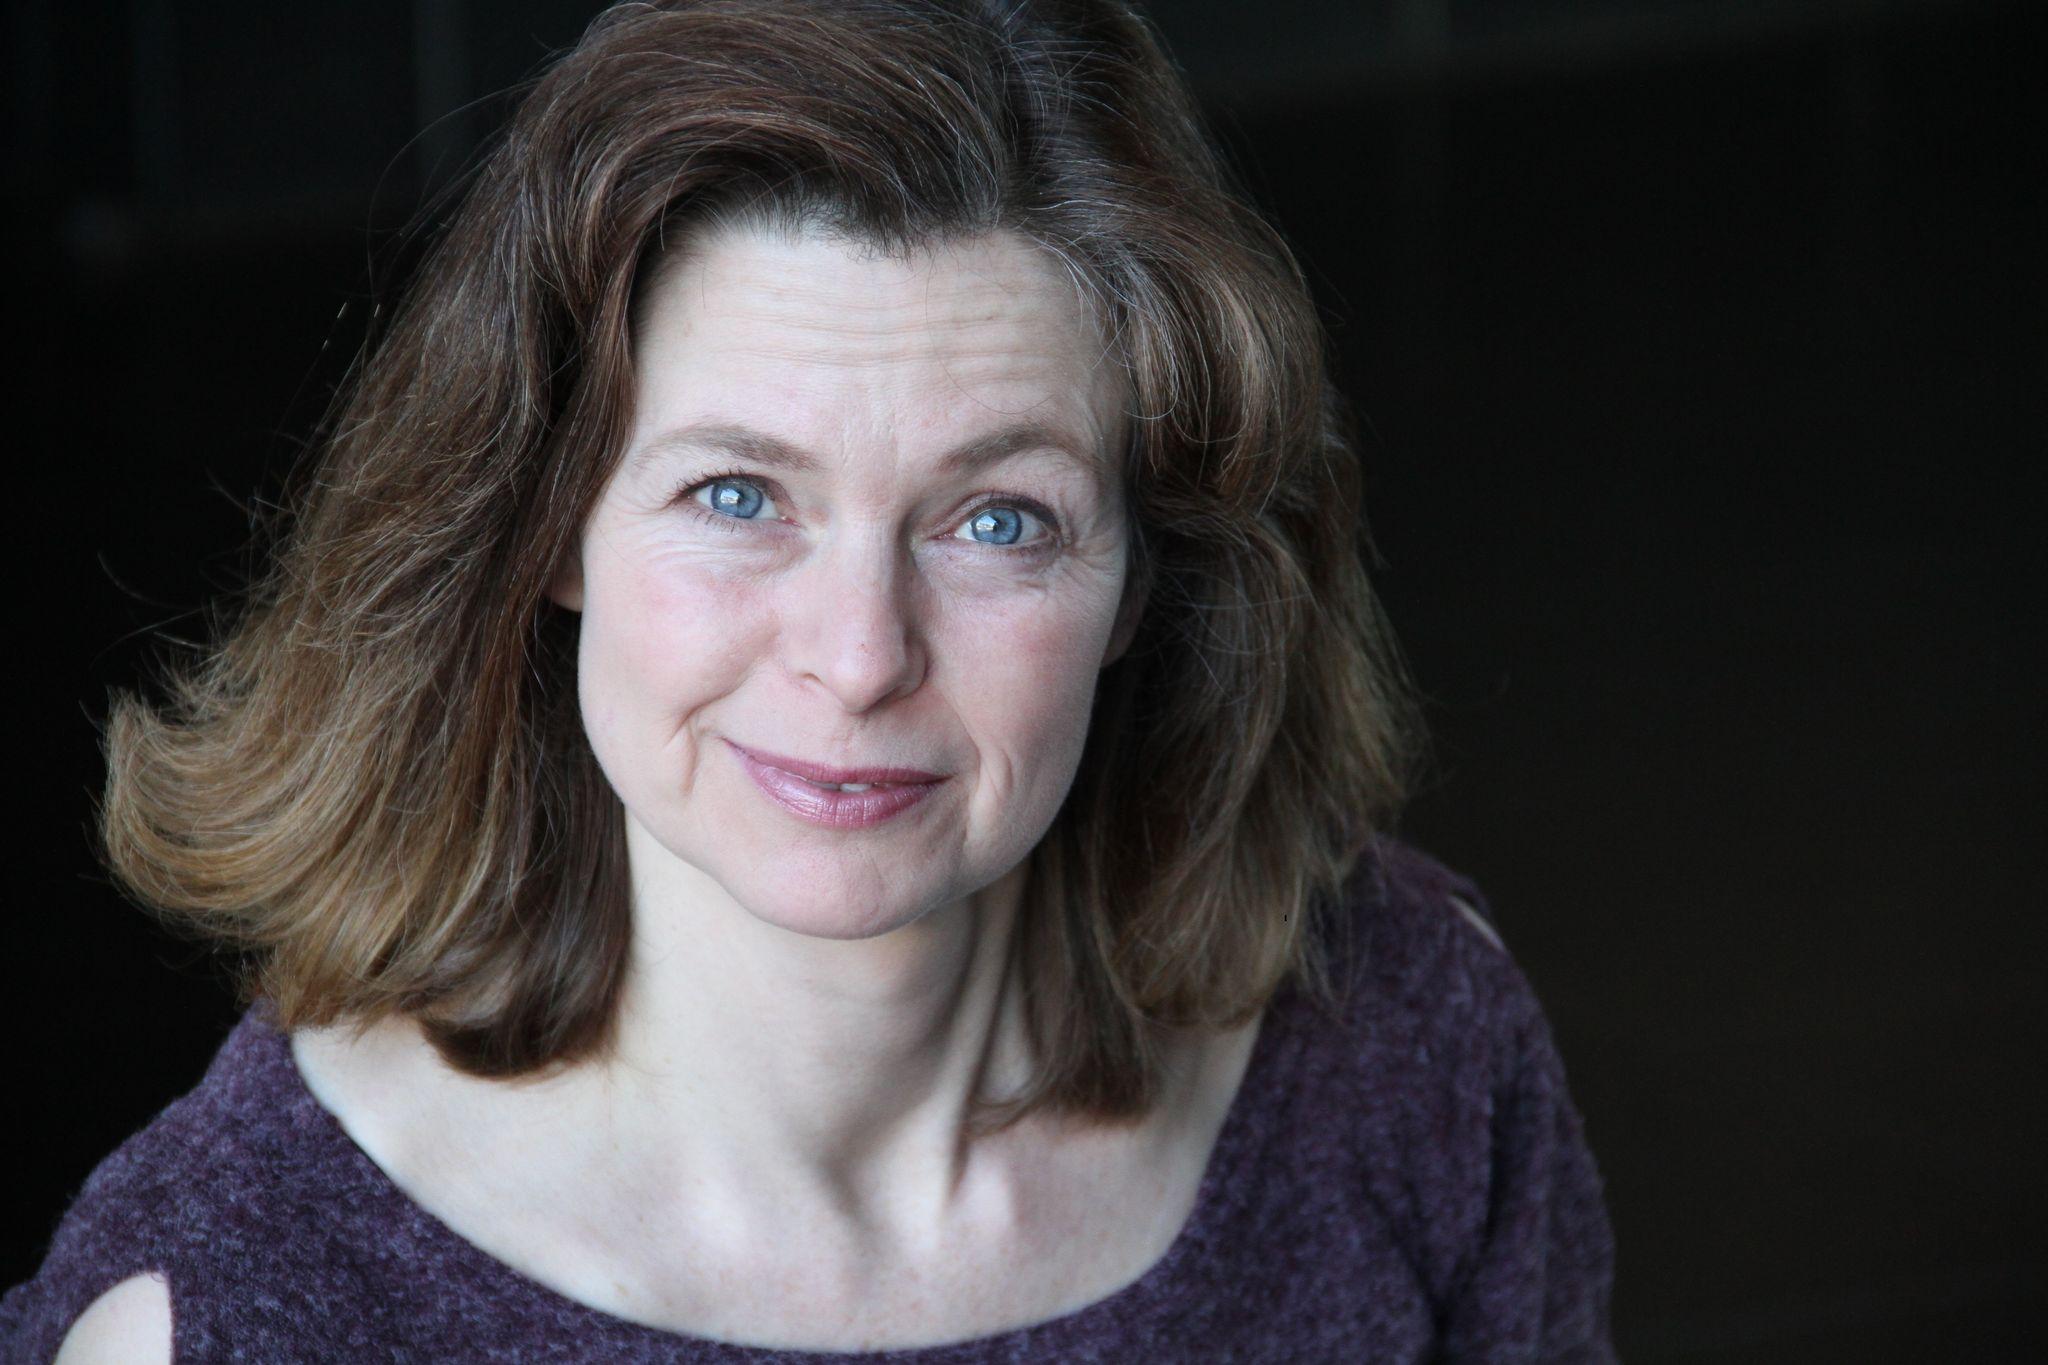 ONE ACT – Jennifer Cornish